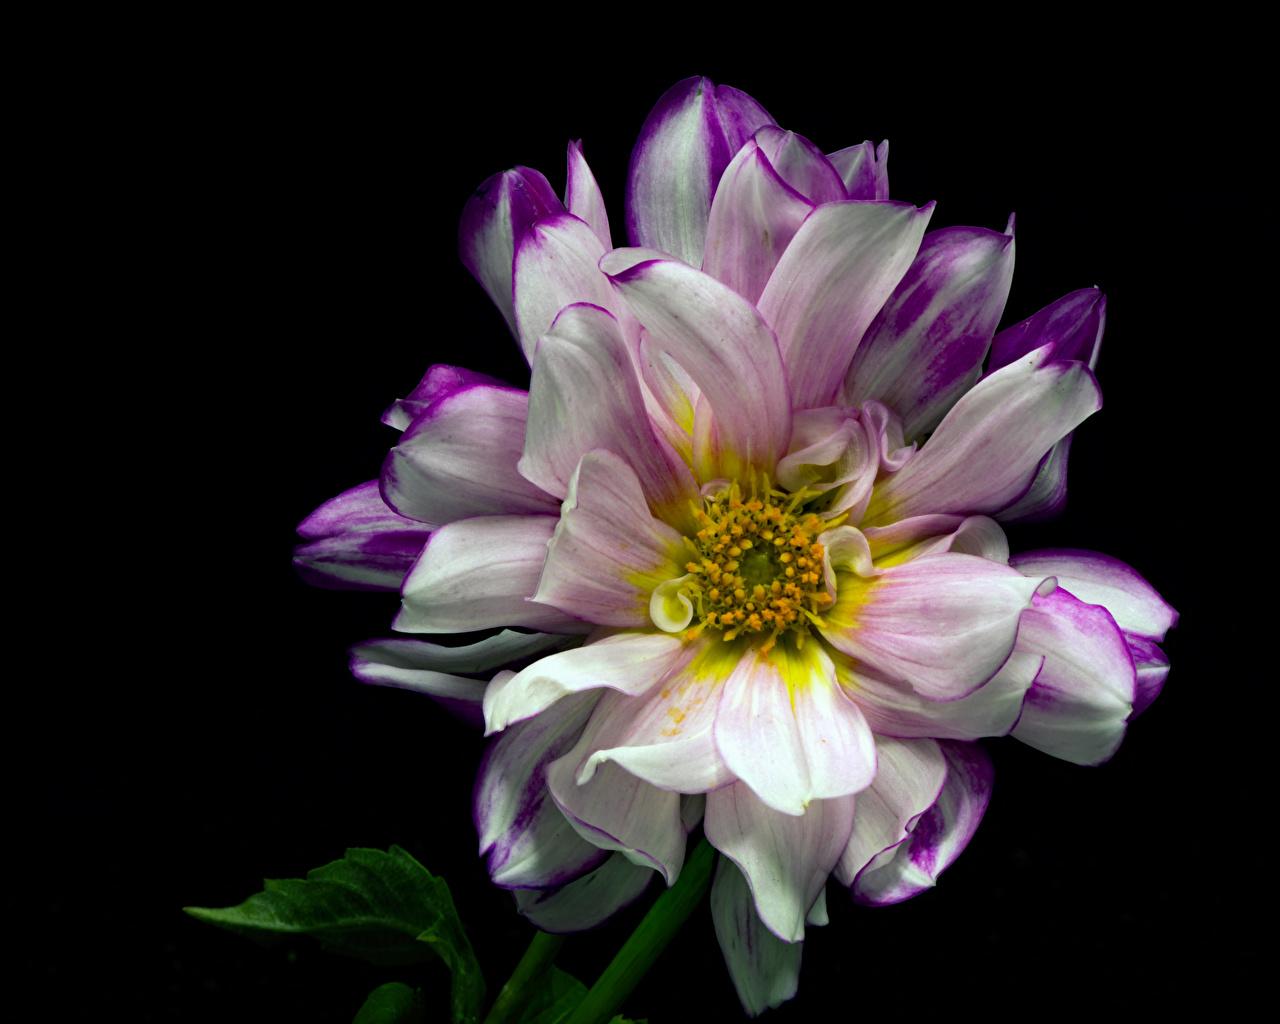 Картинки Цветы Георгины на черном фоне Крупным планом цветок вблизи Черный фон